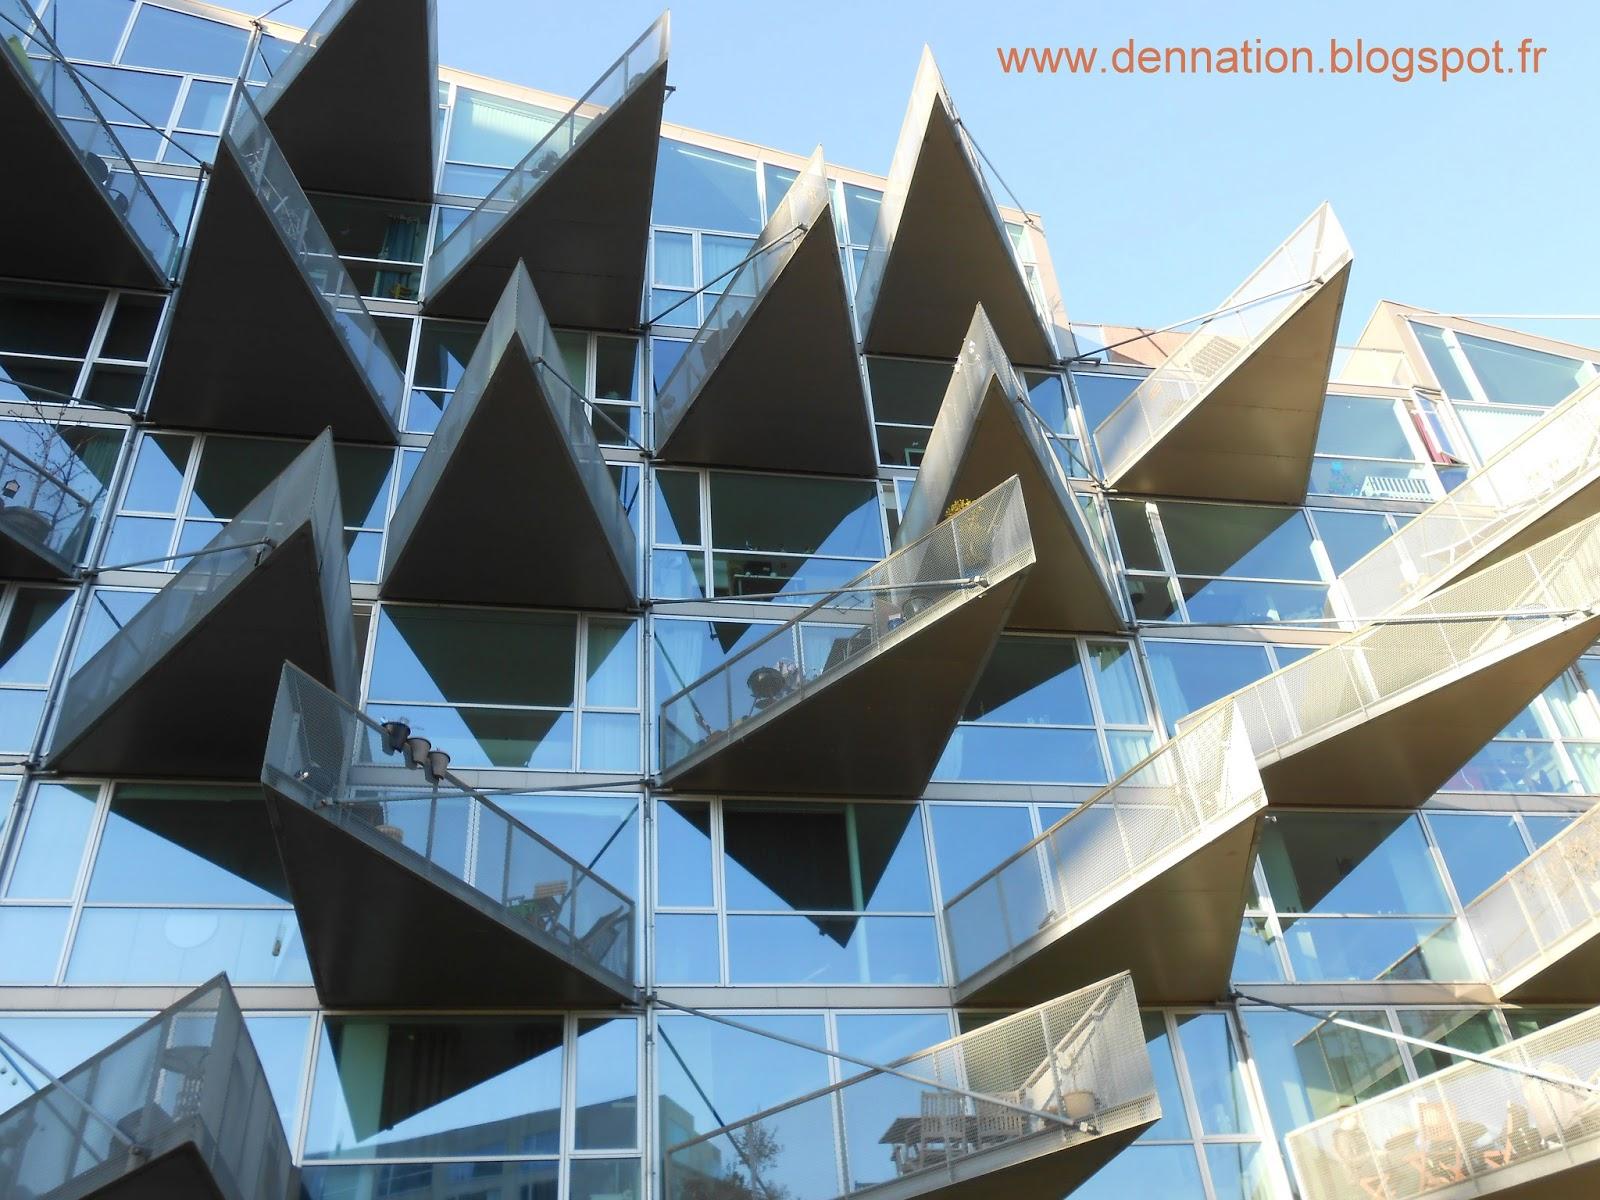 Den nation copenhagen 39 s modern architecture part 1 for Triangular structures in architecture